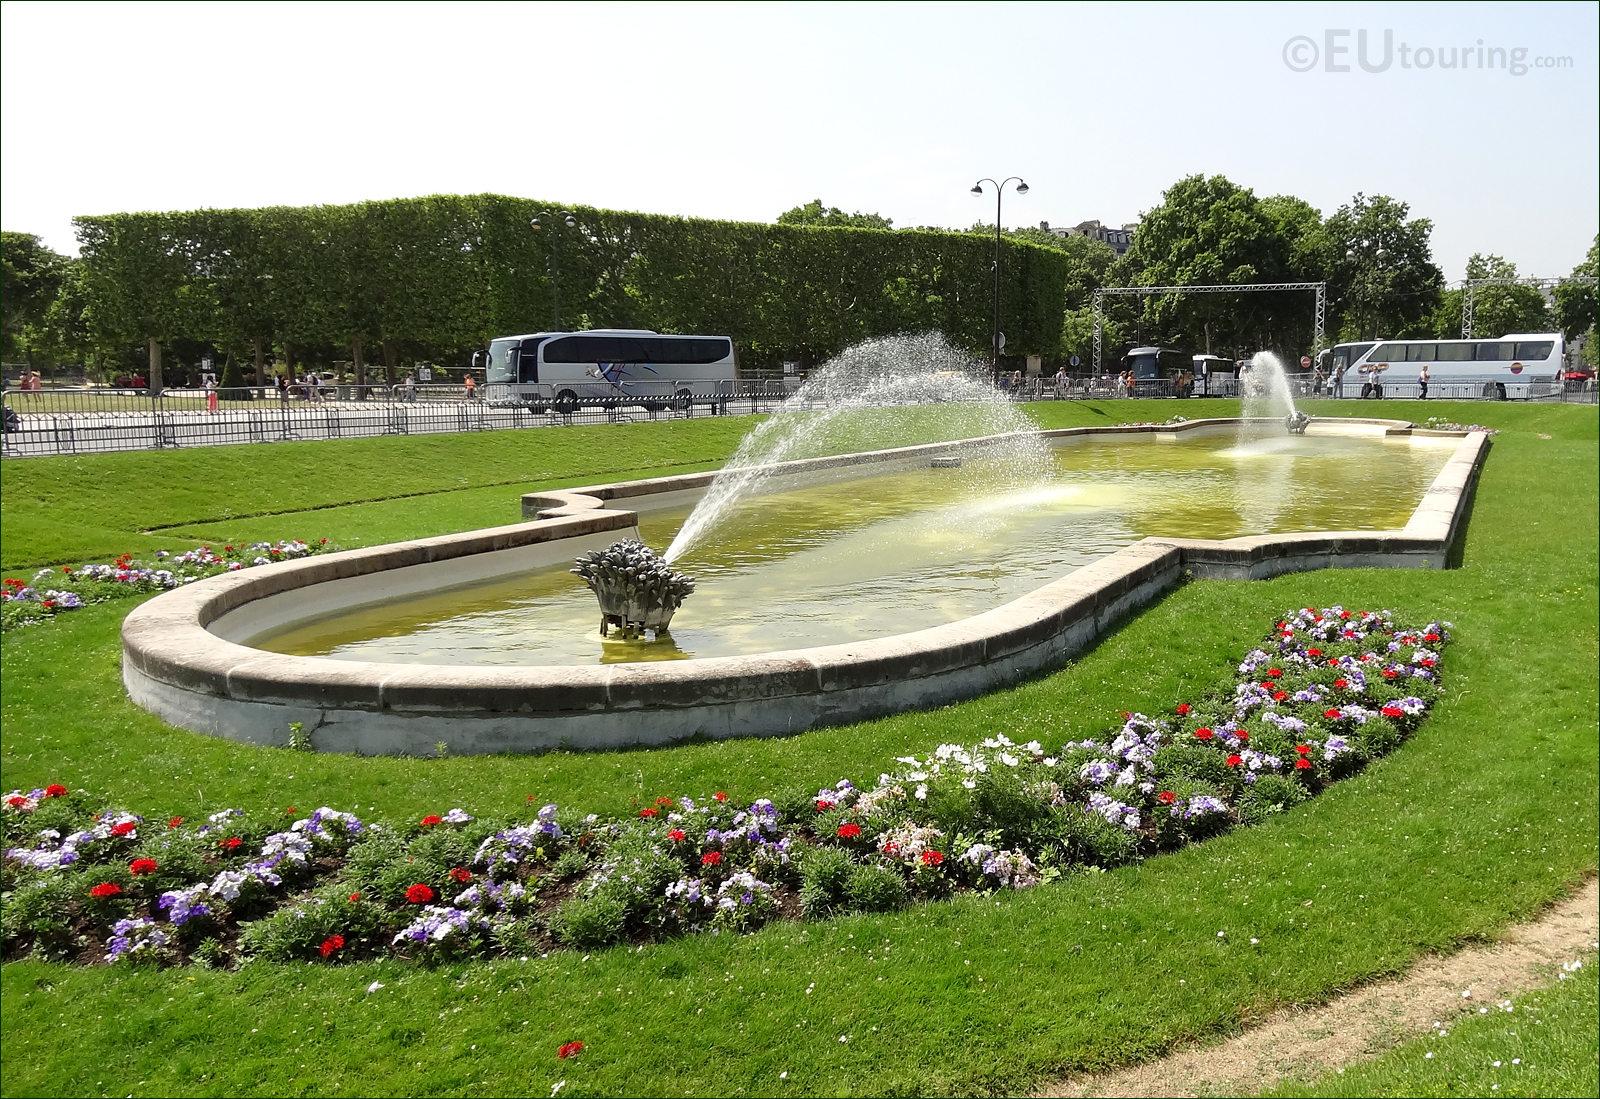 Photo Images of the Champ de Mars Park in Paris Image 6